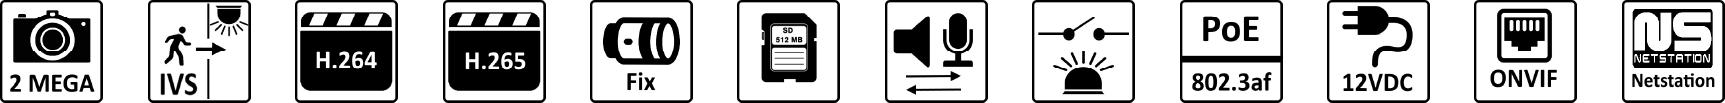 lunaIP_BC-5200_Icon